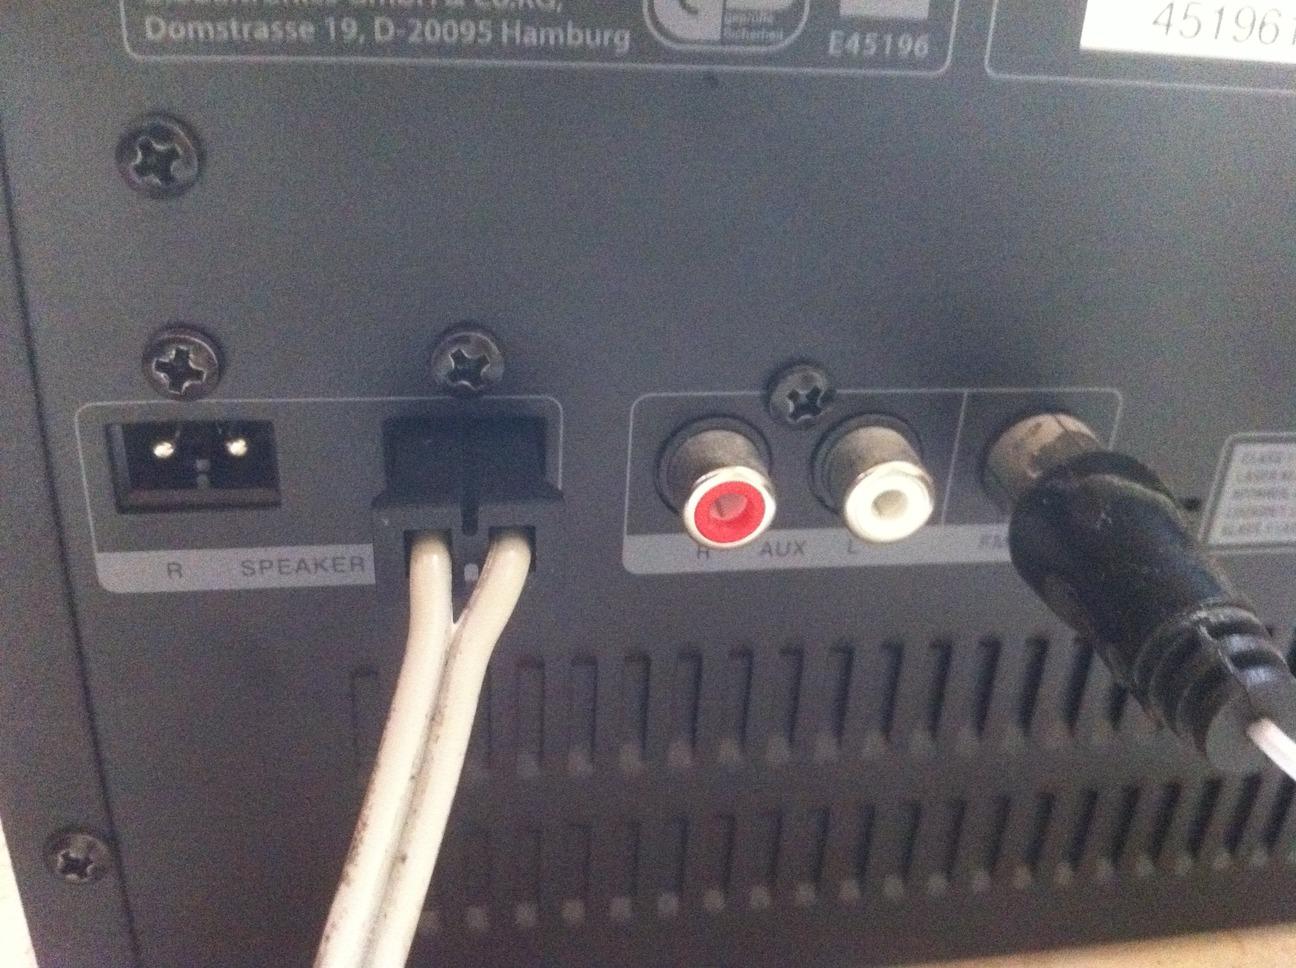 Was ist das für ein Lautsprecher Stecker - Mikrocontroller.net